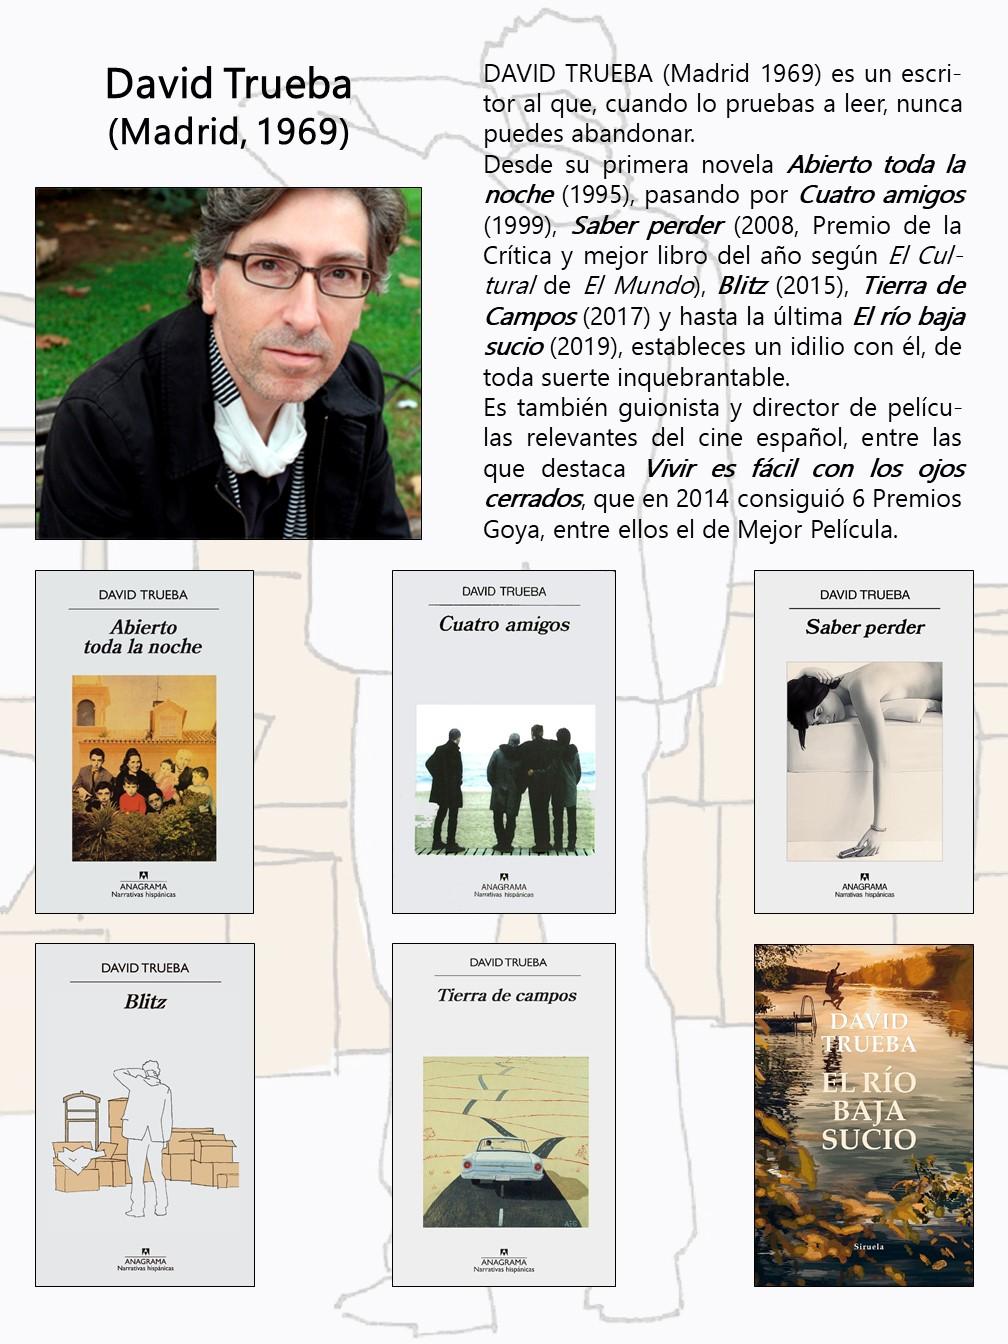 Biografía David Trueba A3